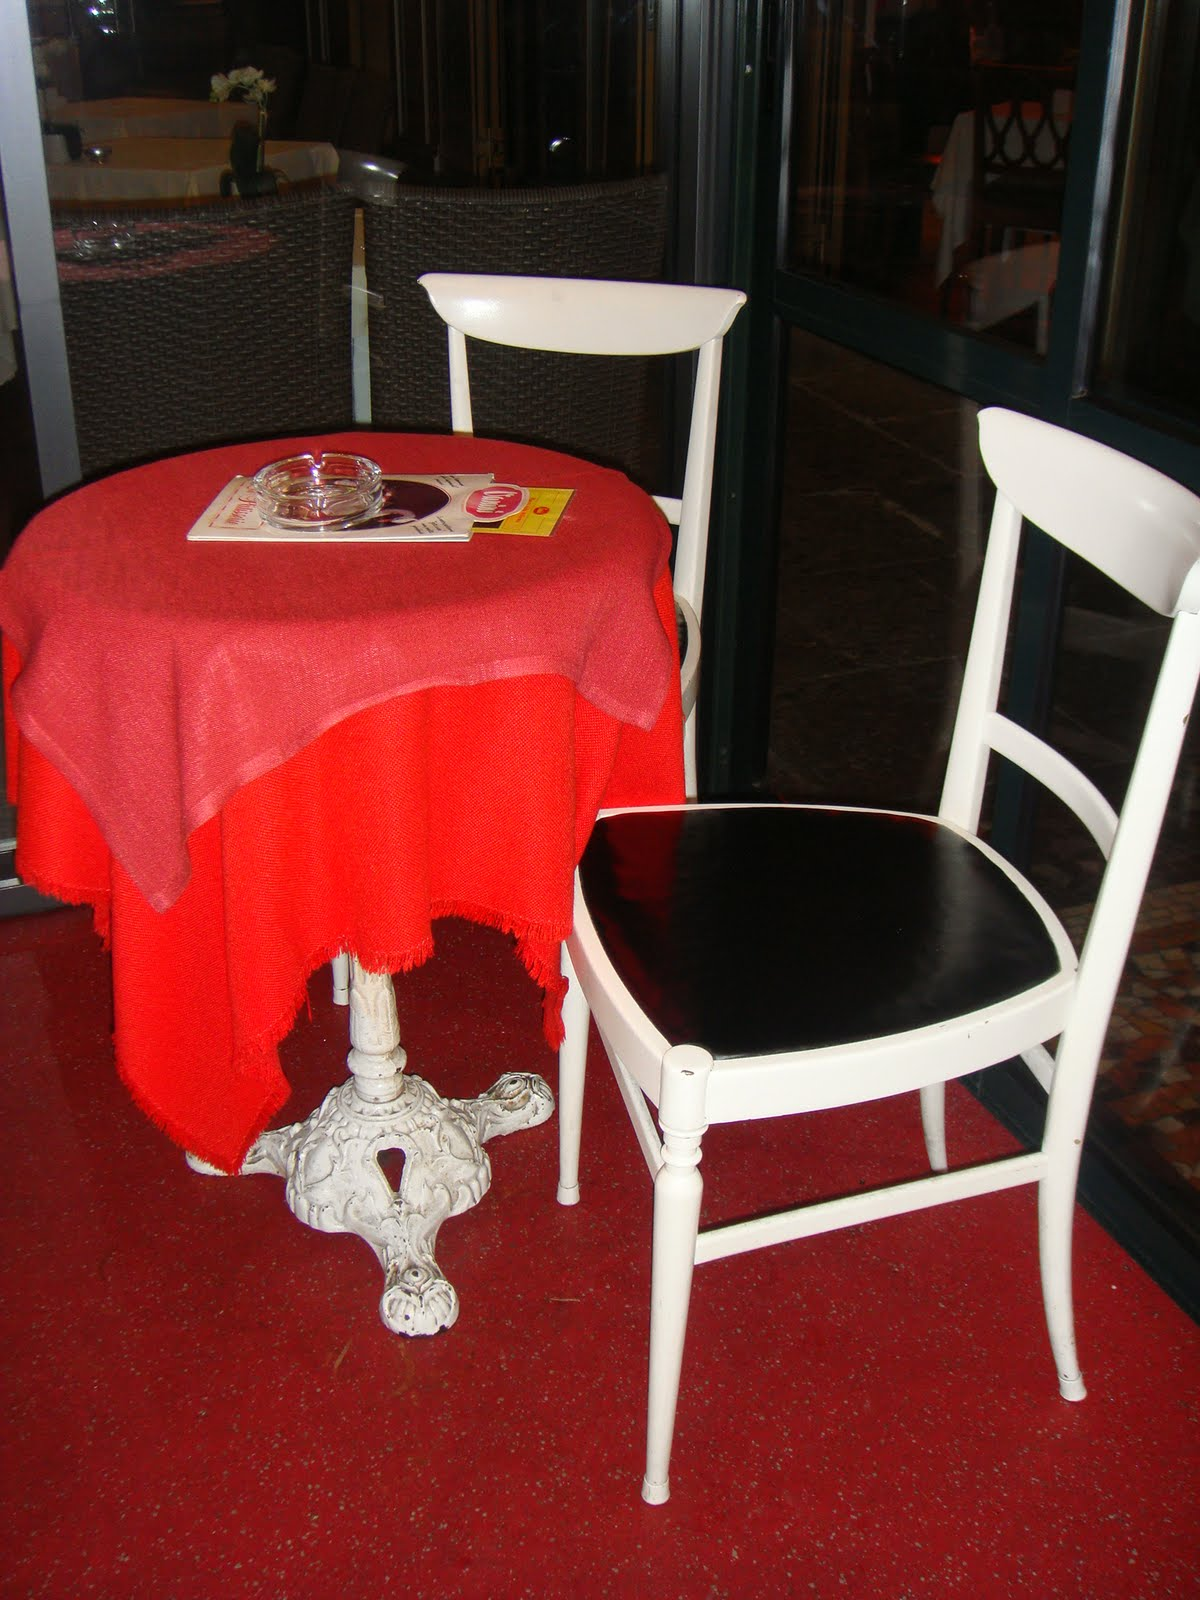 Gran casa mendrisio : June 2011 expat with kids